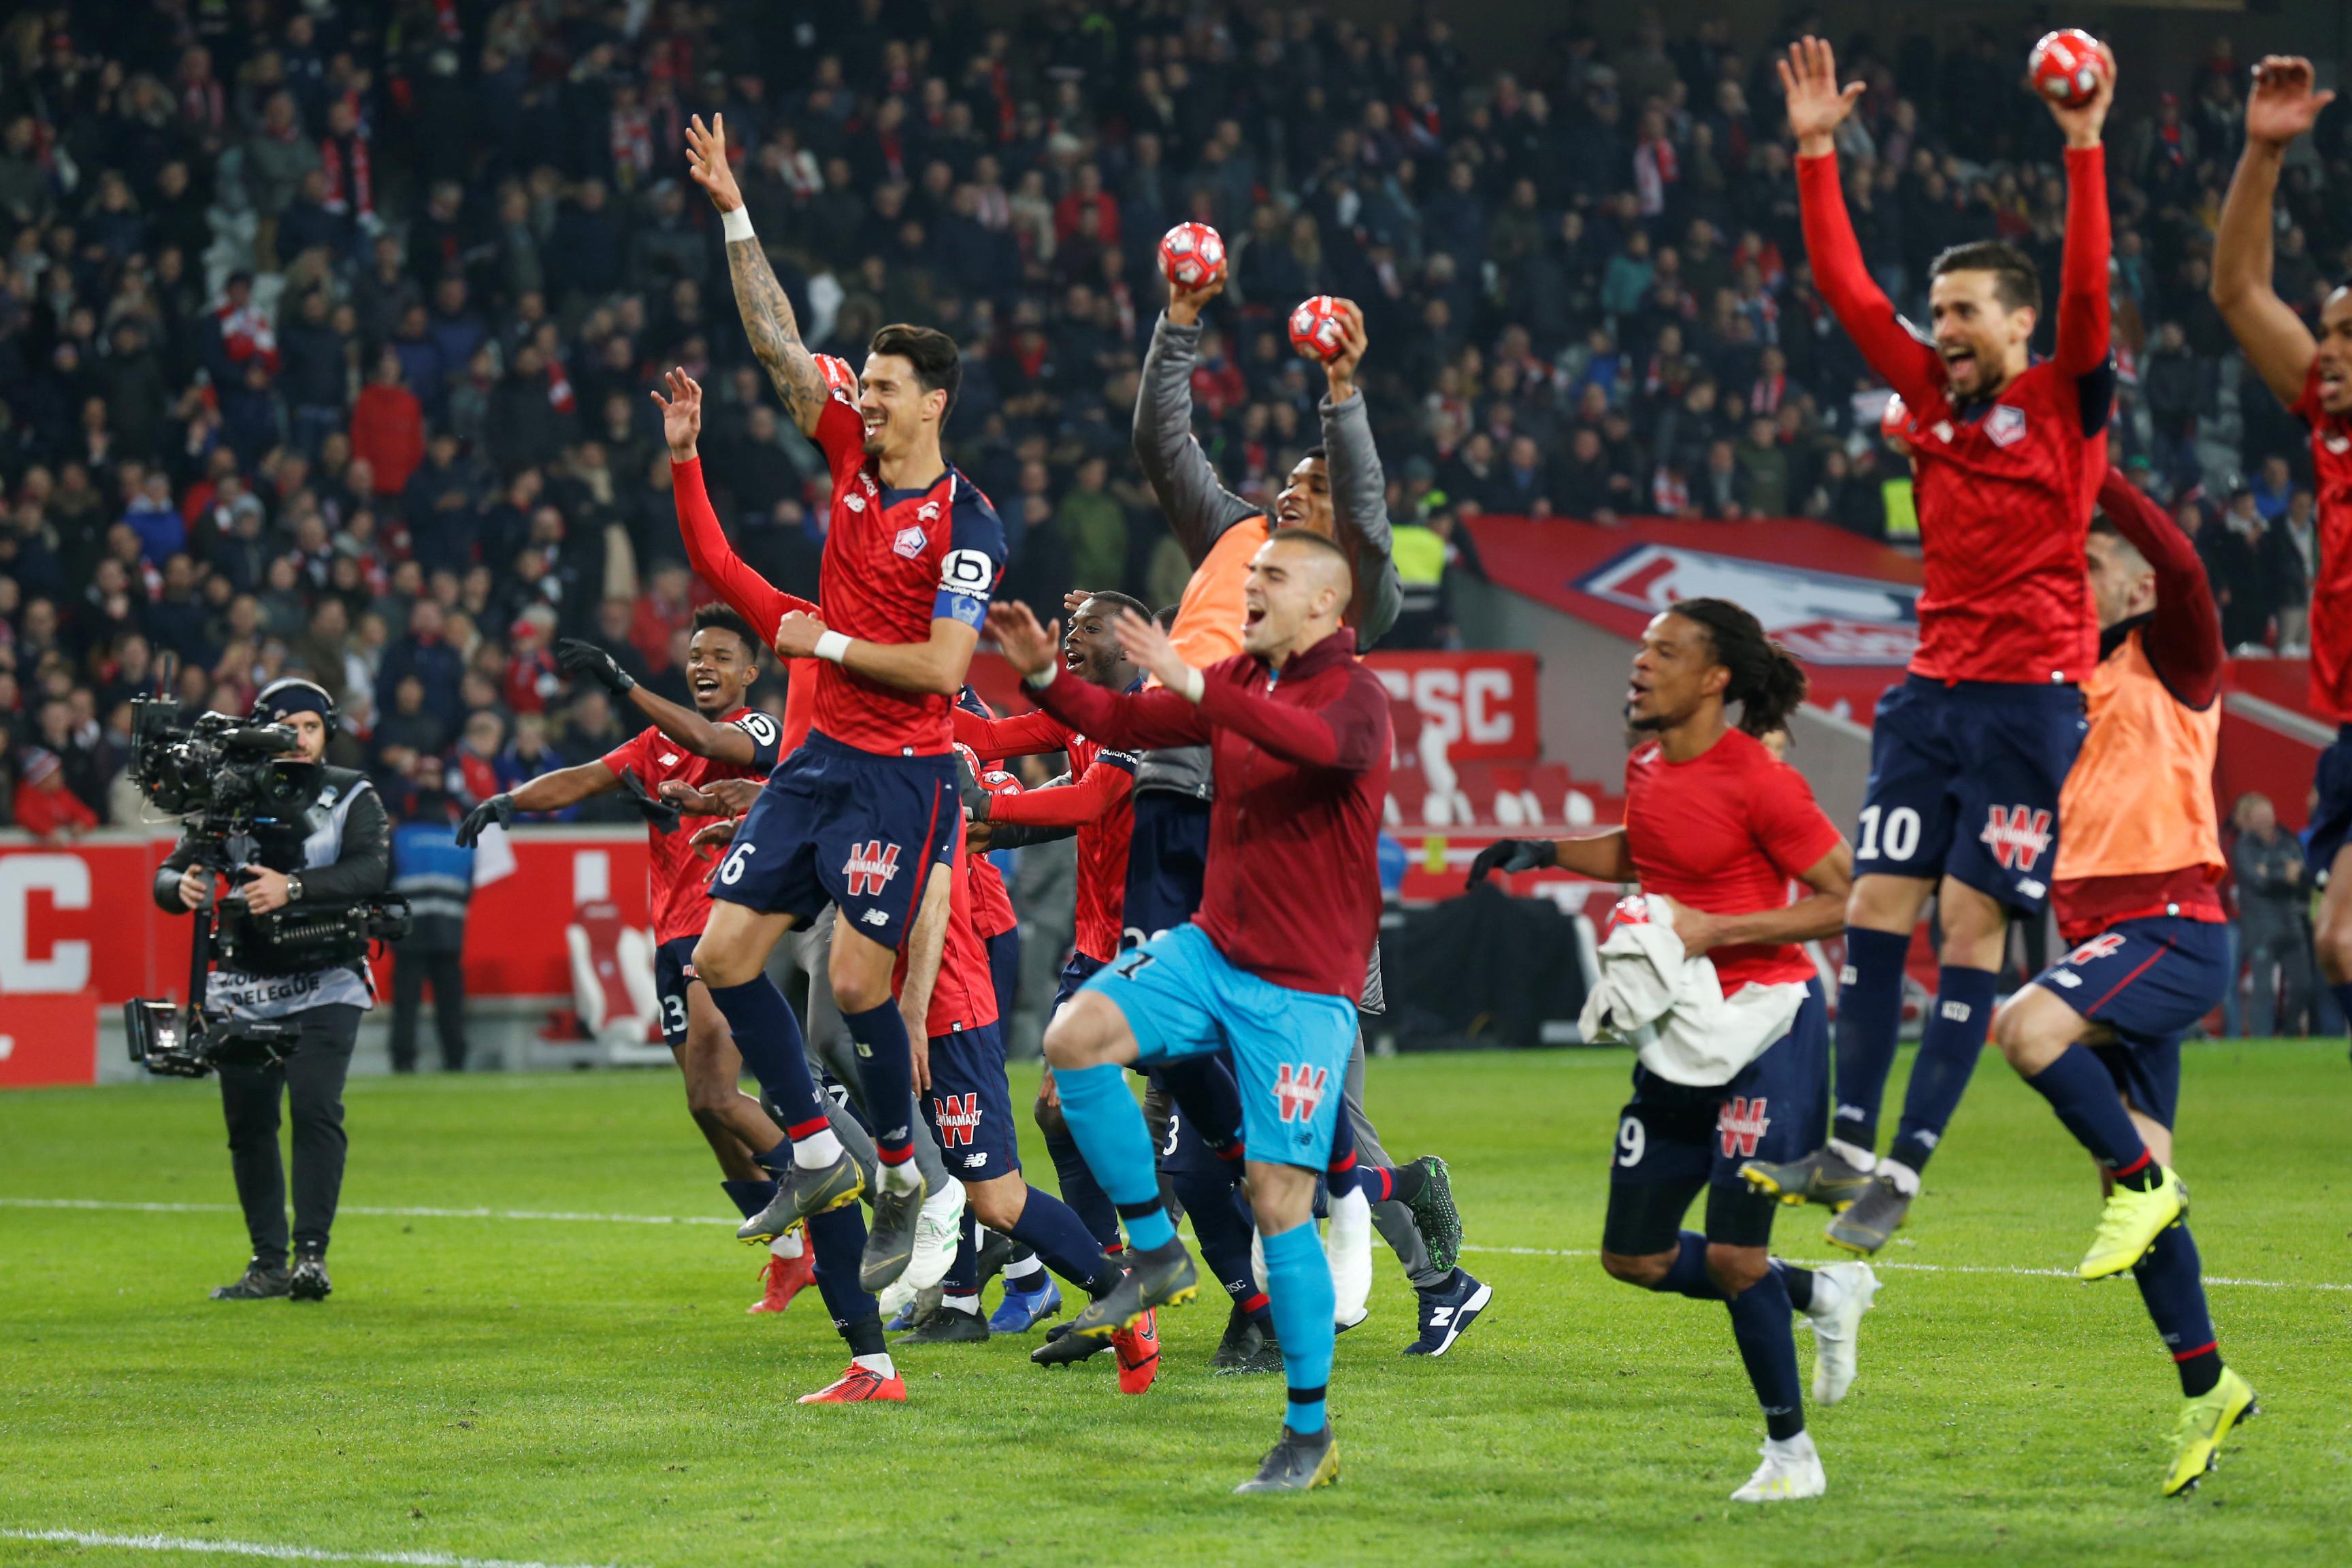 L'Équipe coloca dois portugueses na equipa ideal da jornada da Ligue 1